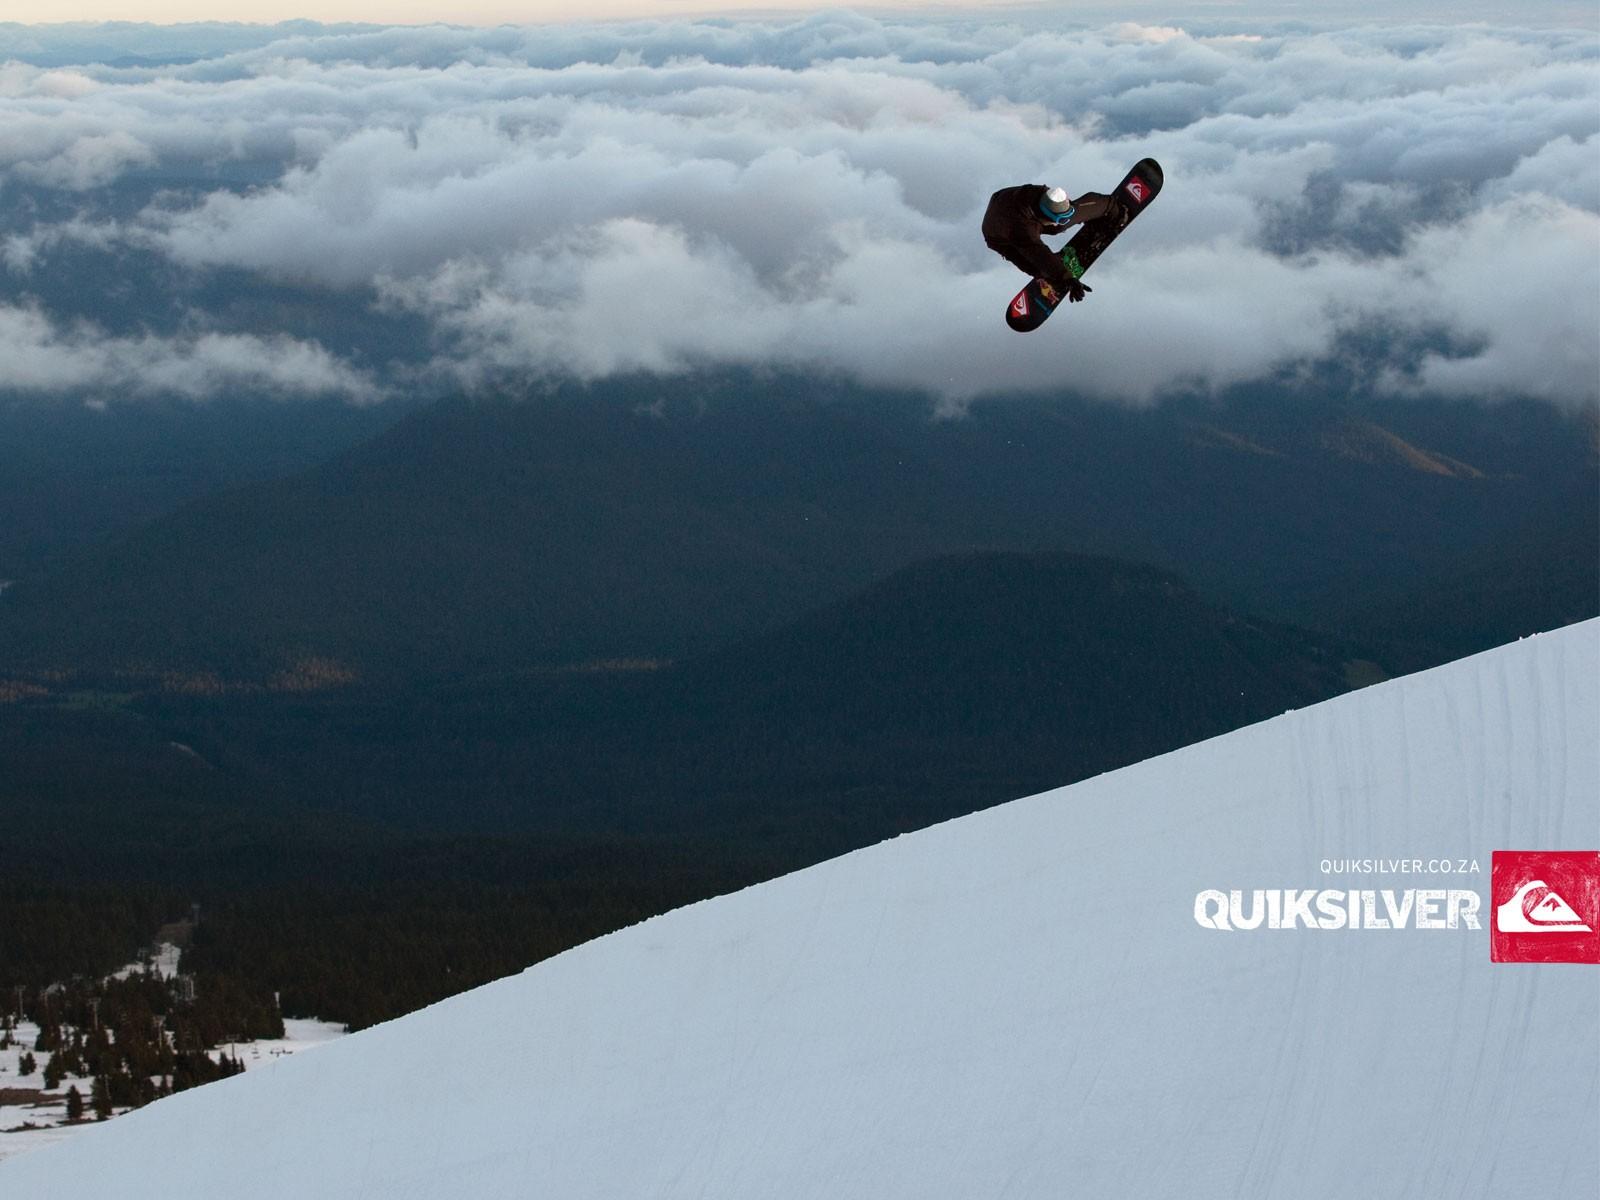 quiksilver snowboarding wallpaper 5519